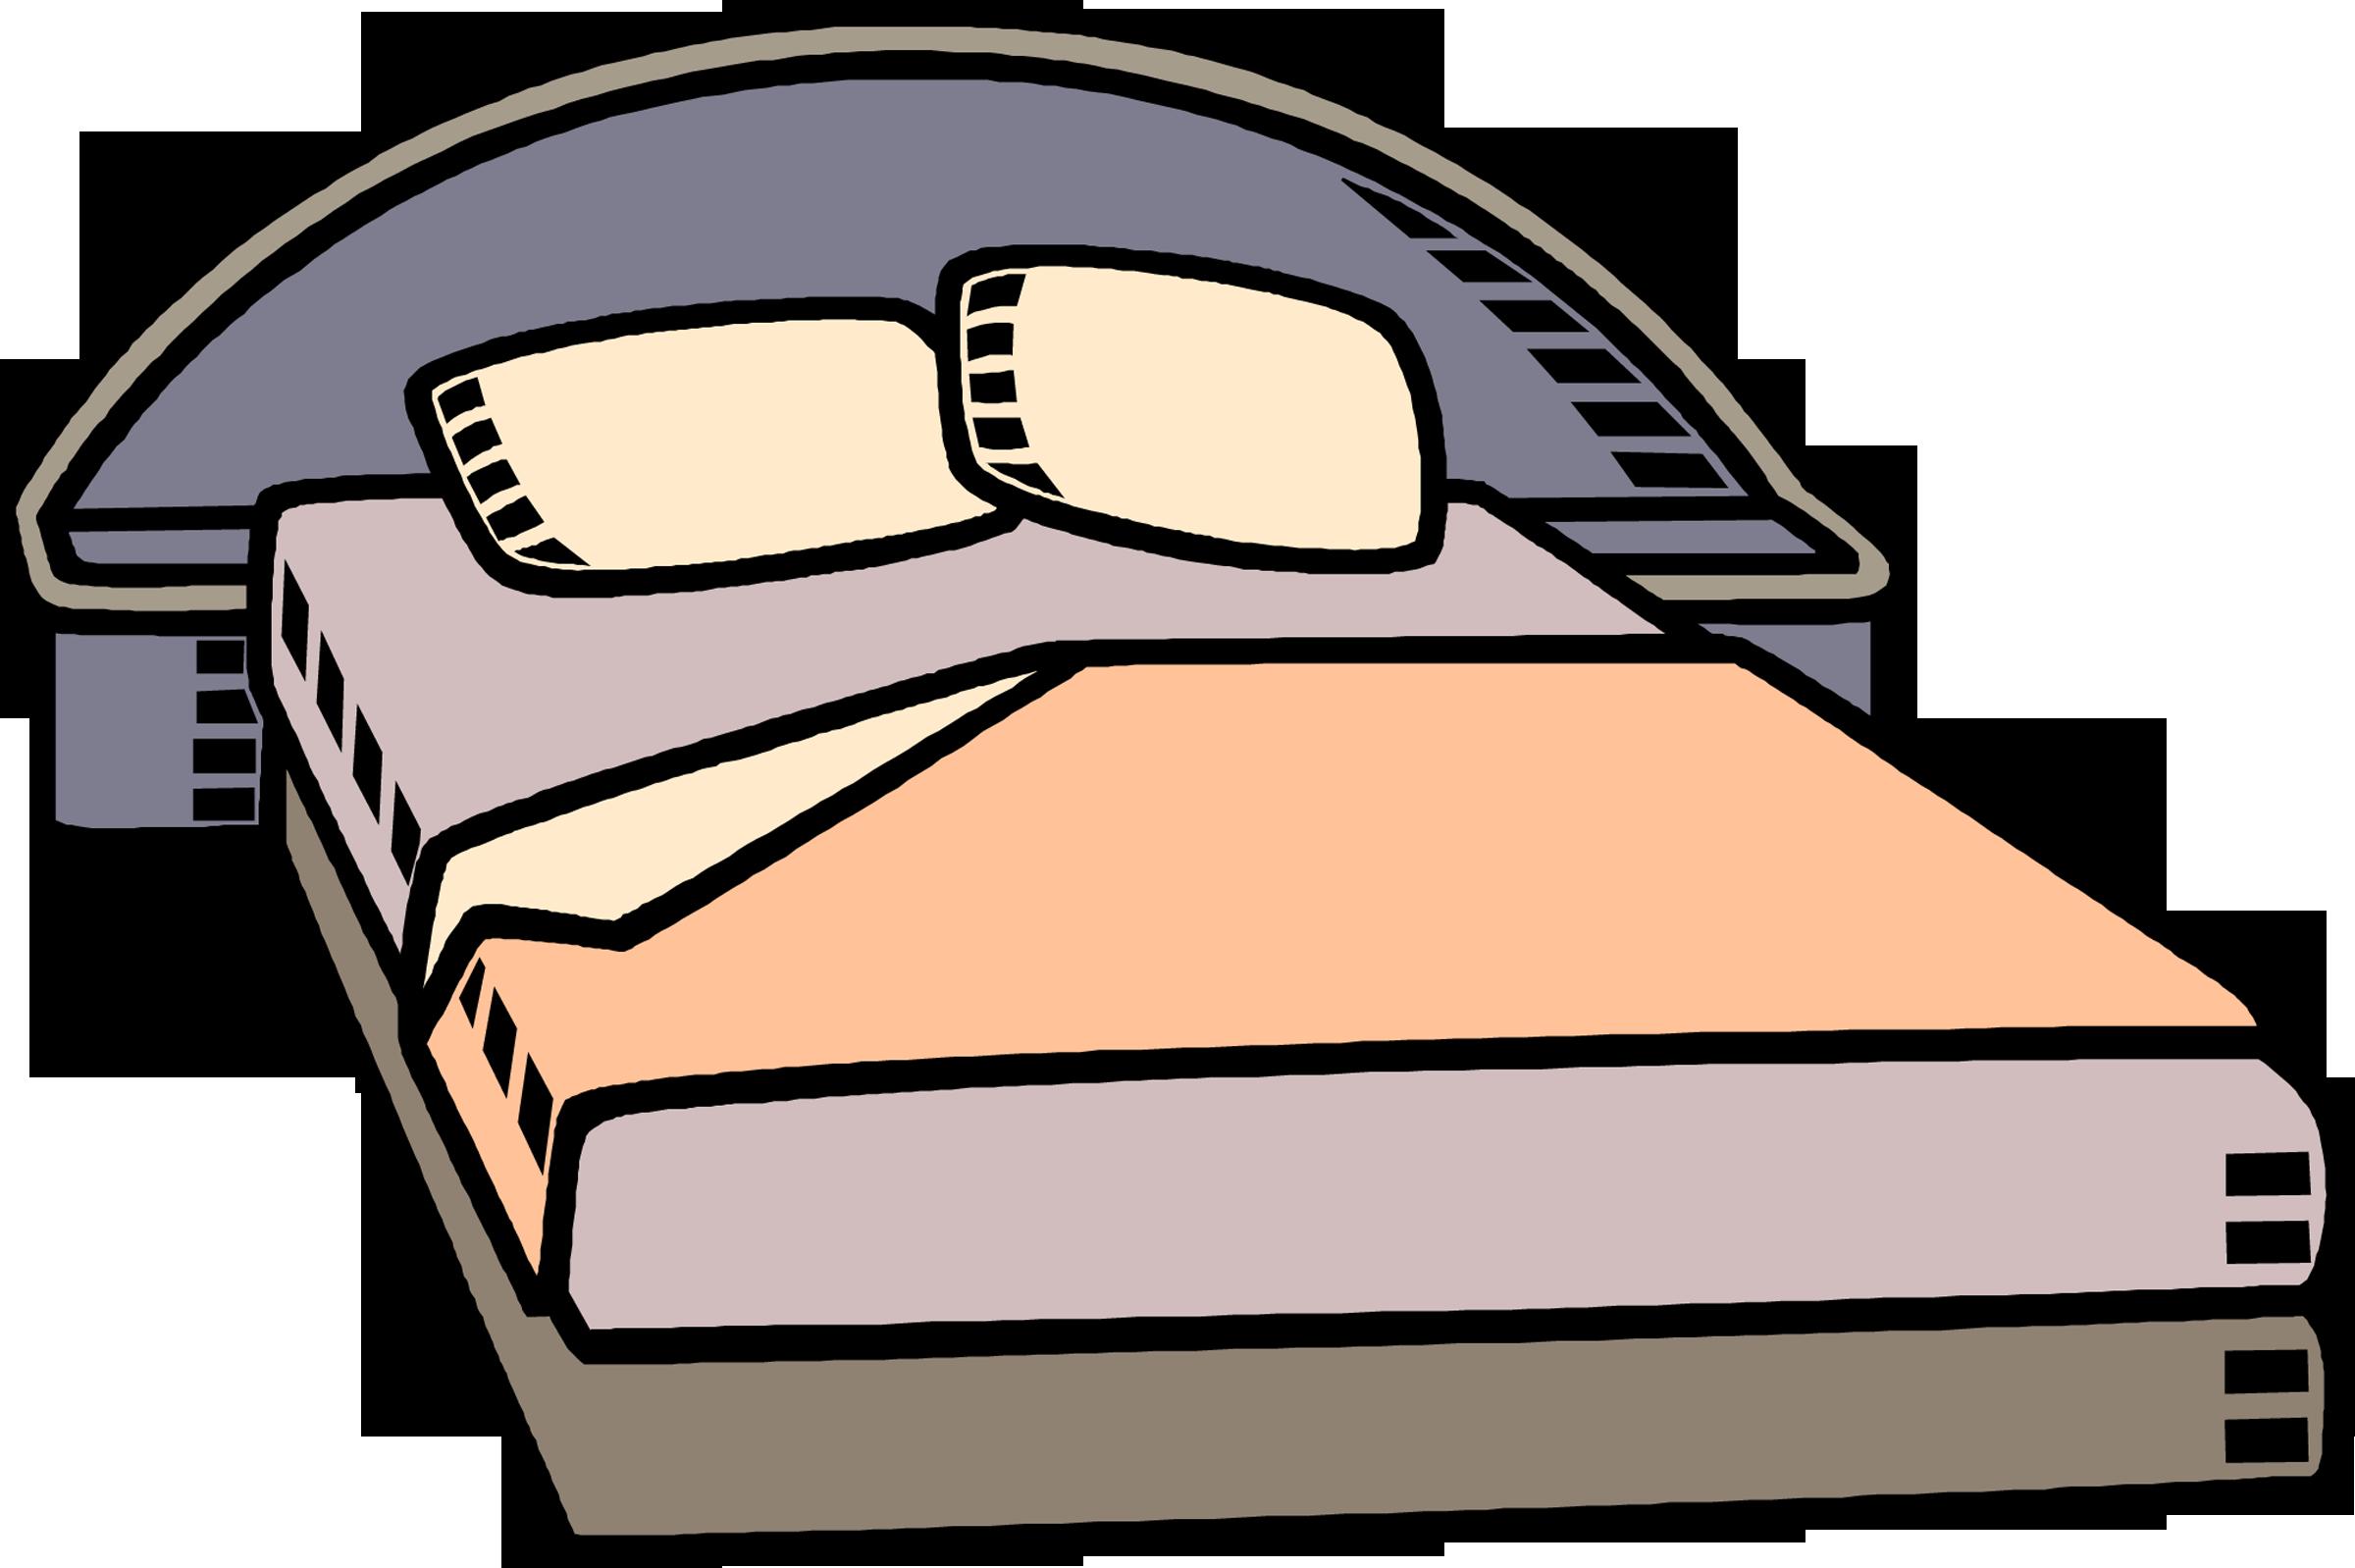 Bedroom Cartoon Bed.